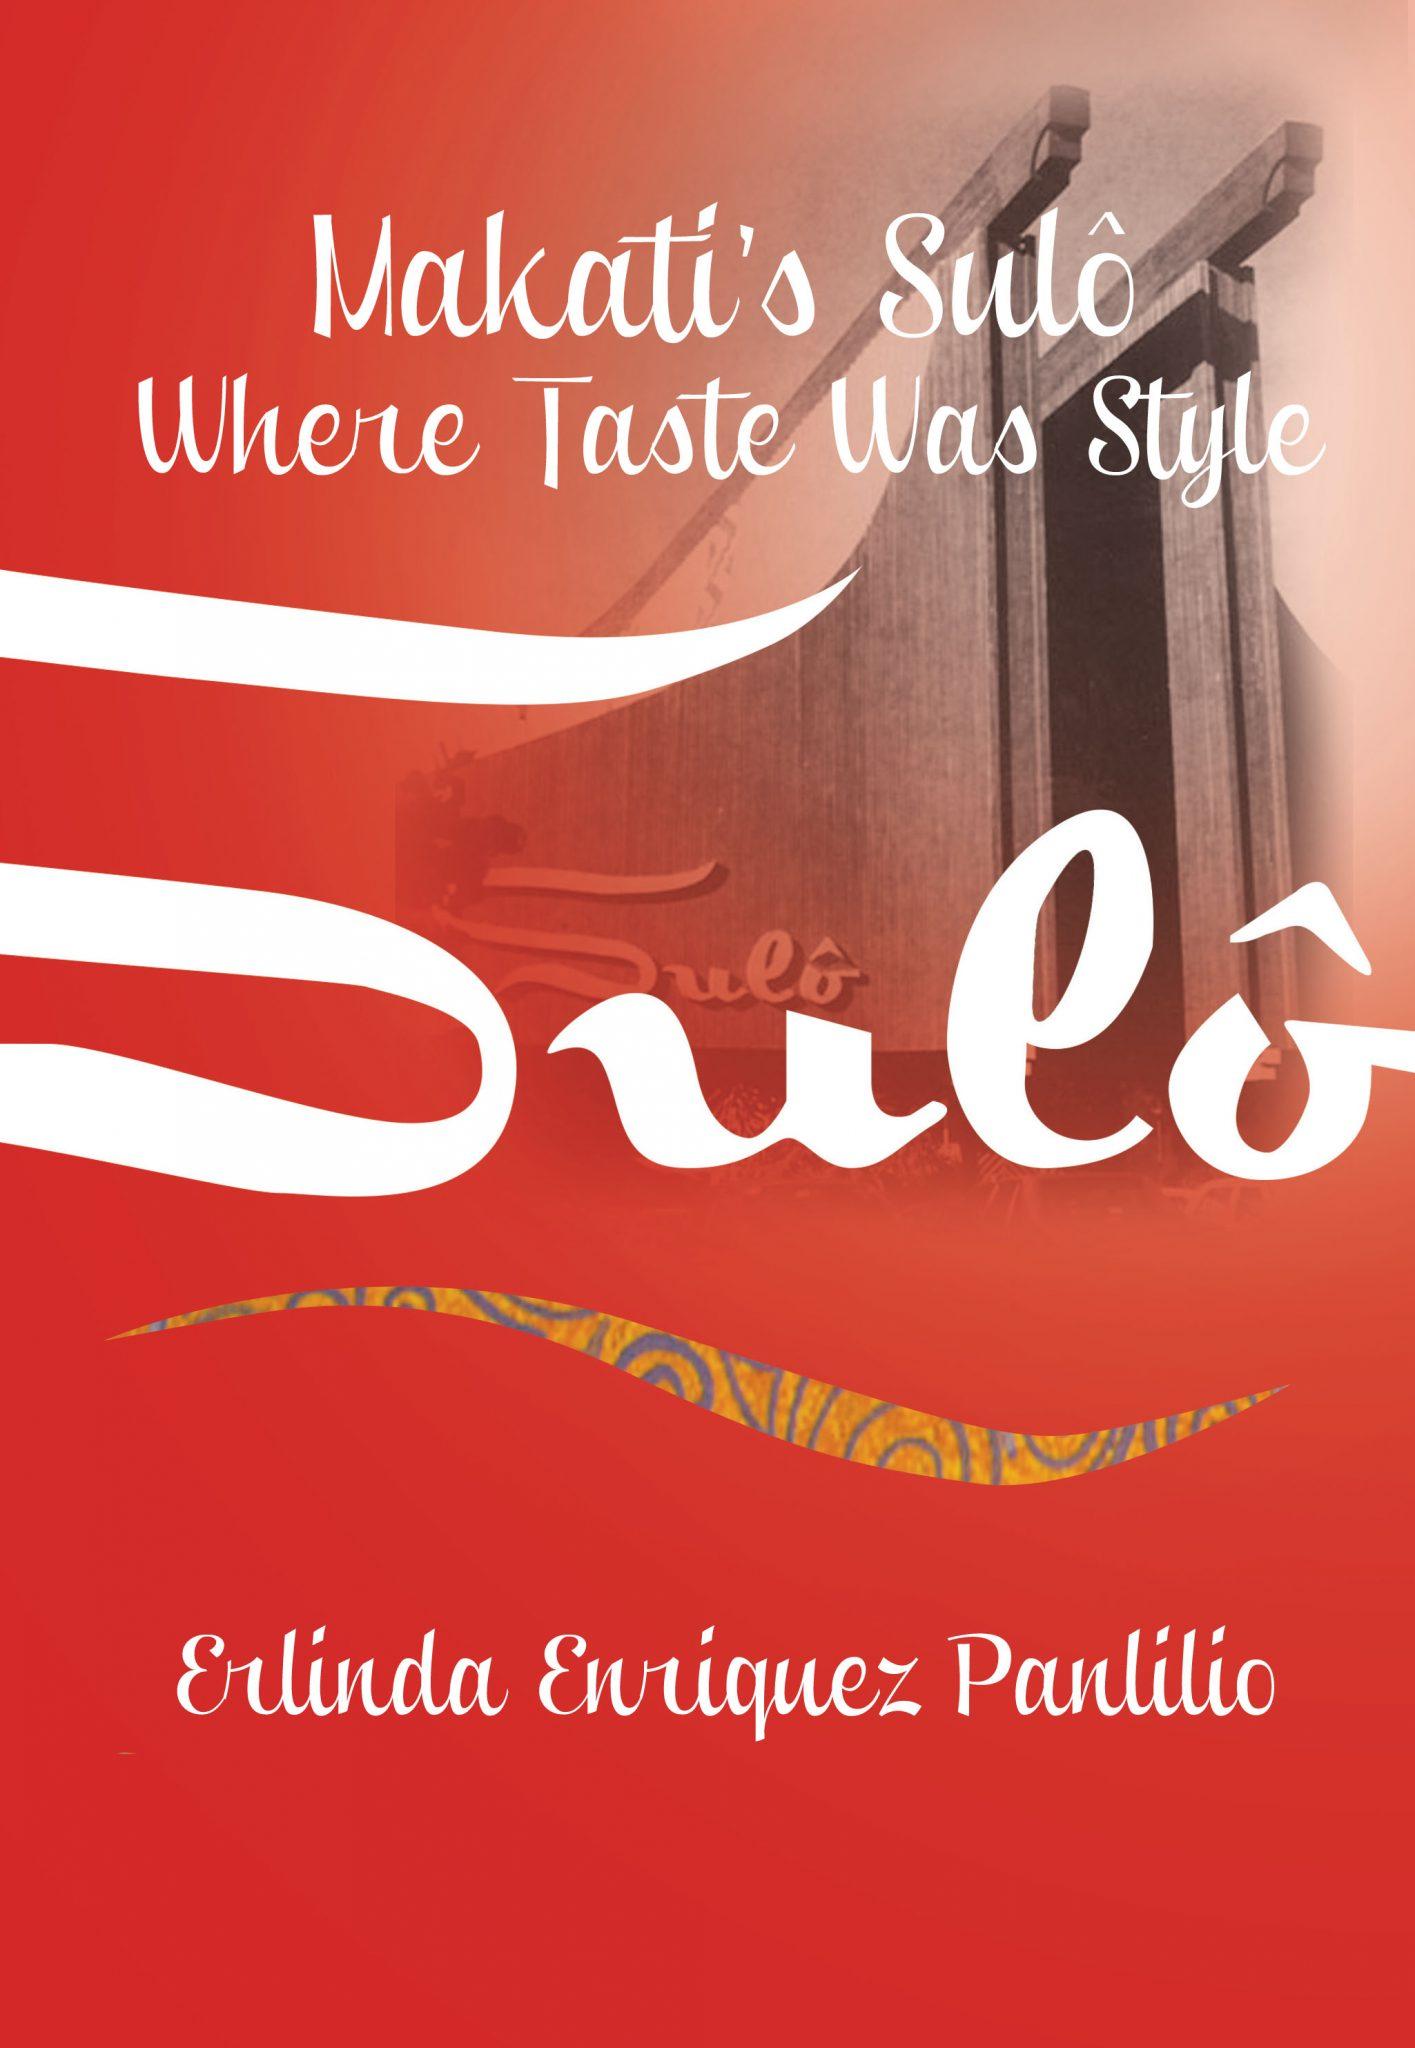 web Makati's SULO (6)